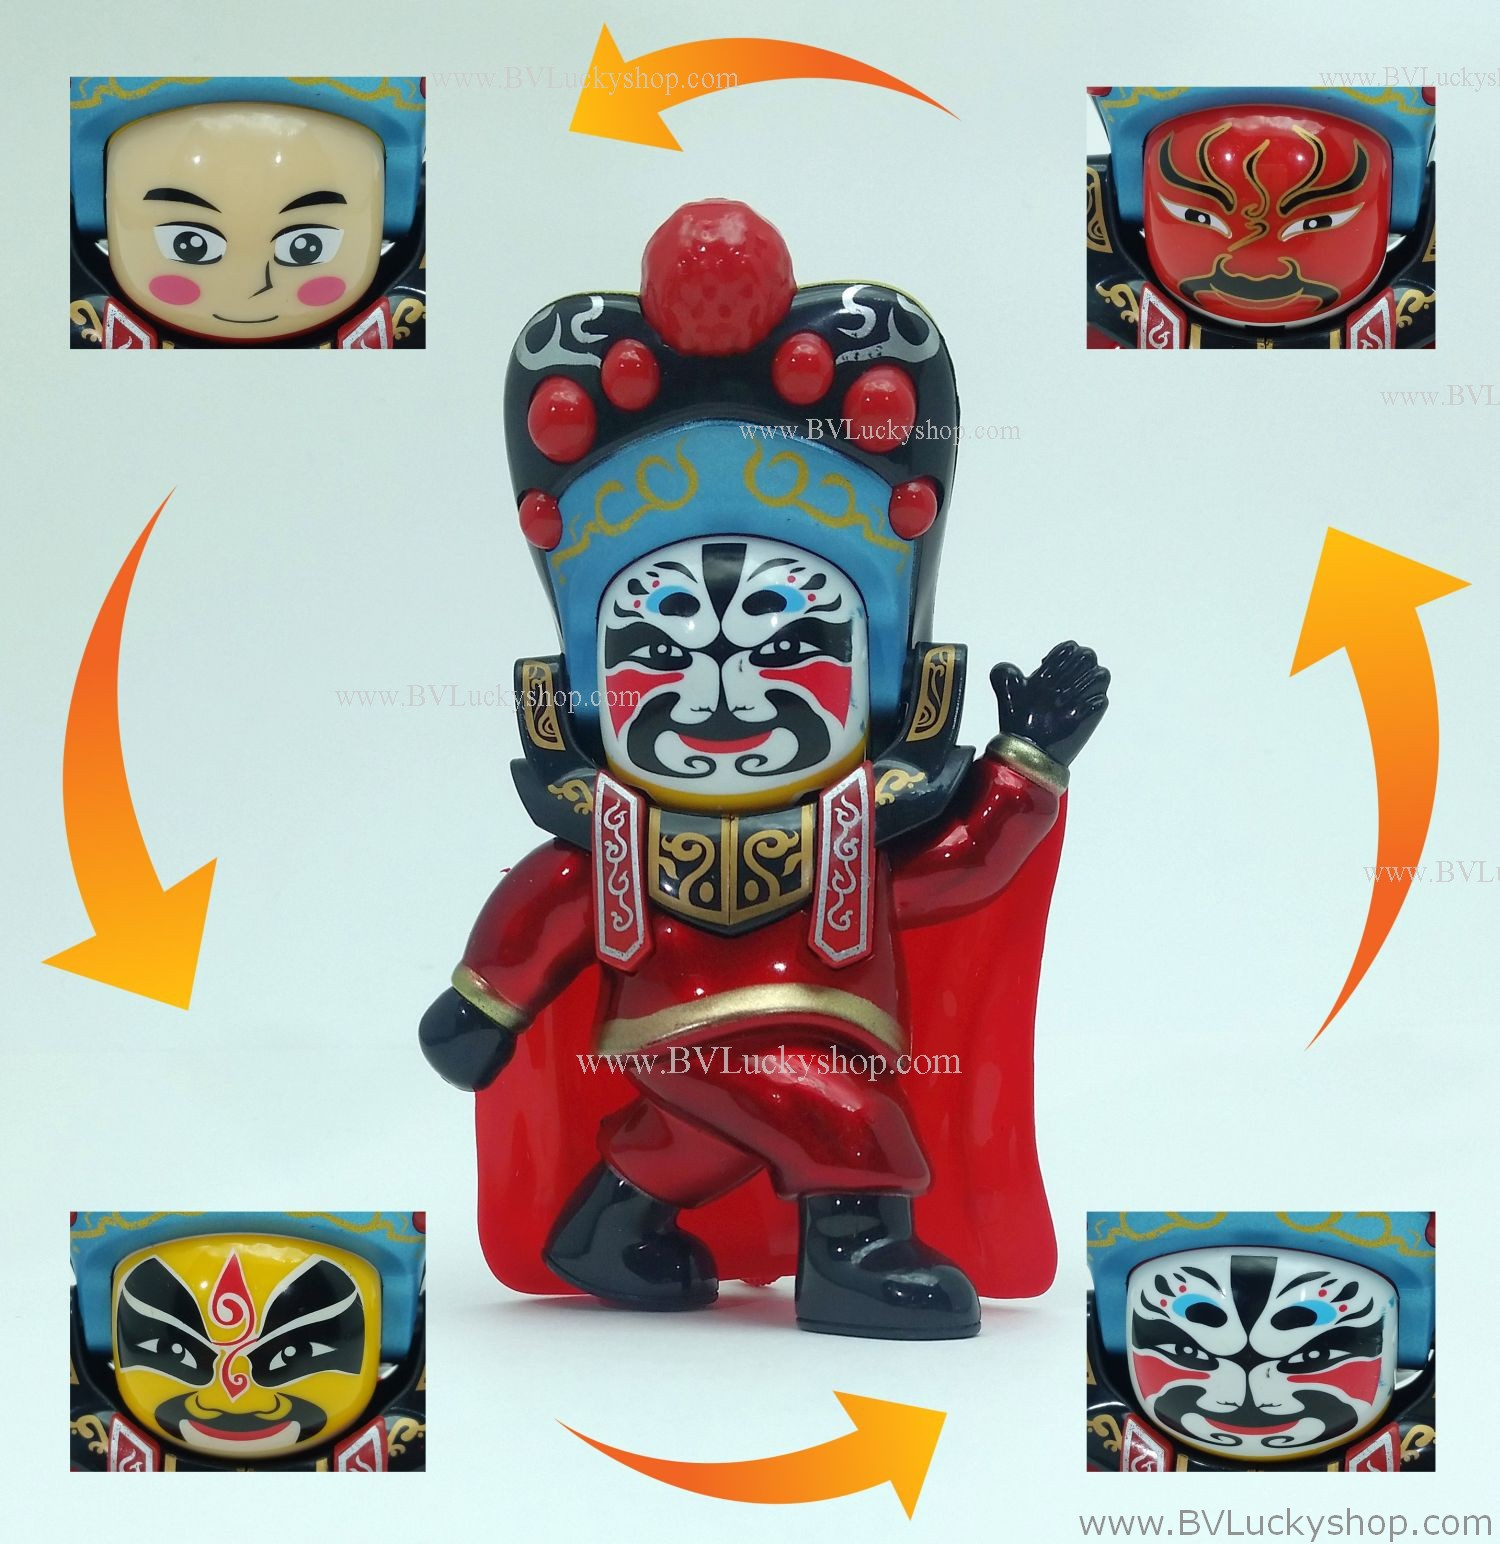 ตุ๊กตาจีน เปลี่ยนหน้ากากได้ (มี 4 หน้า) - สีแดง